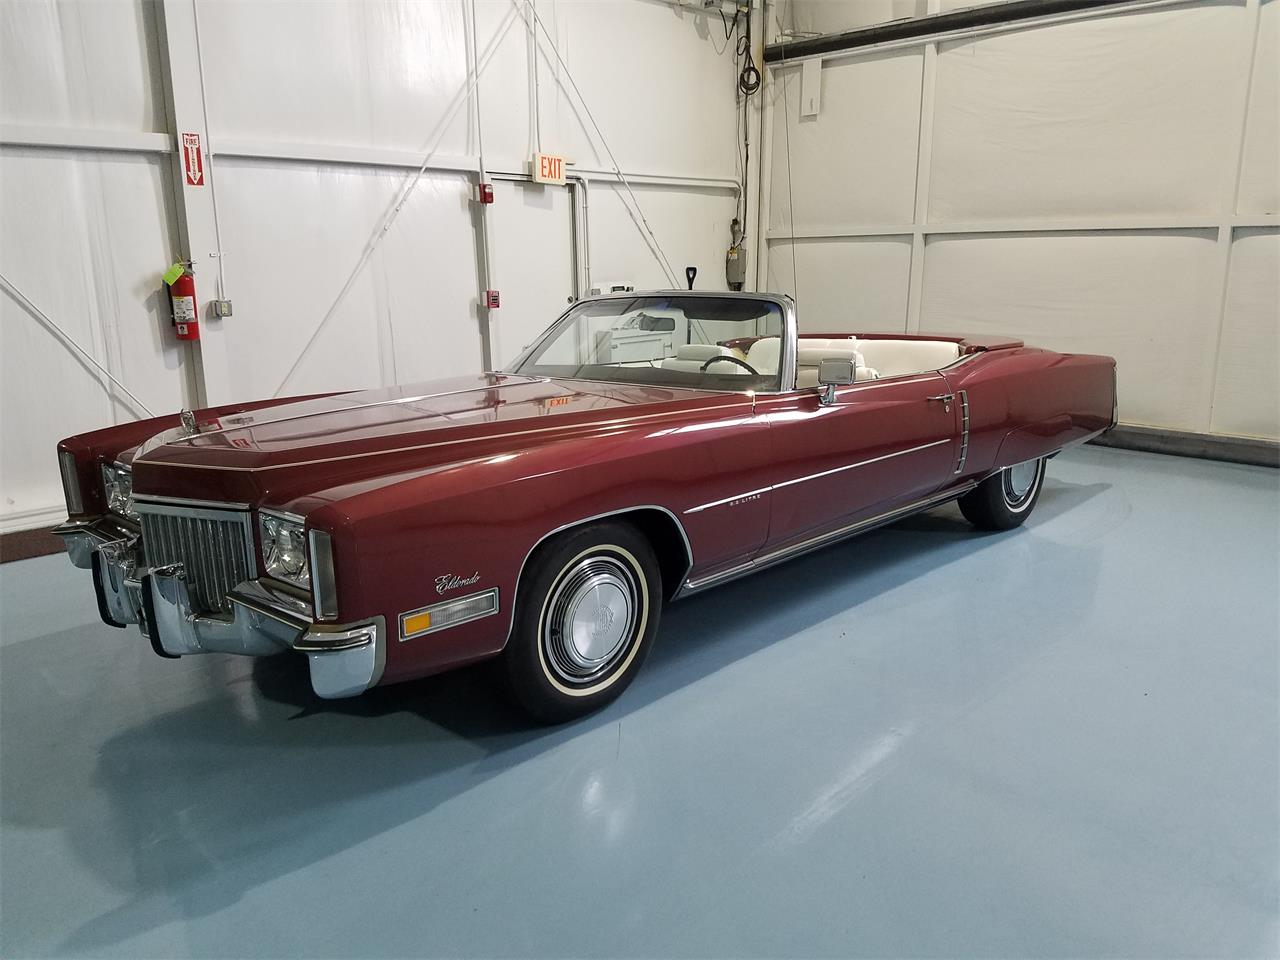 1972 Cadillac Eldorado For Sale Classiccars Com Cc 1135553